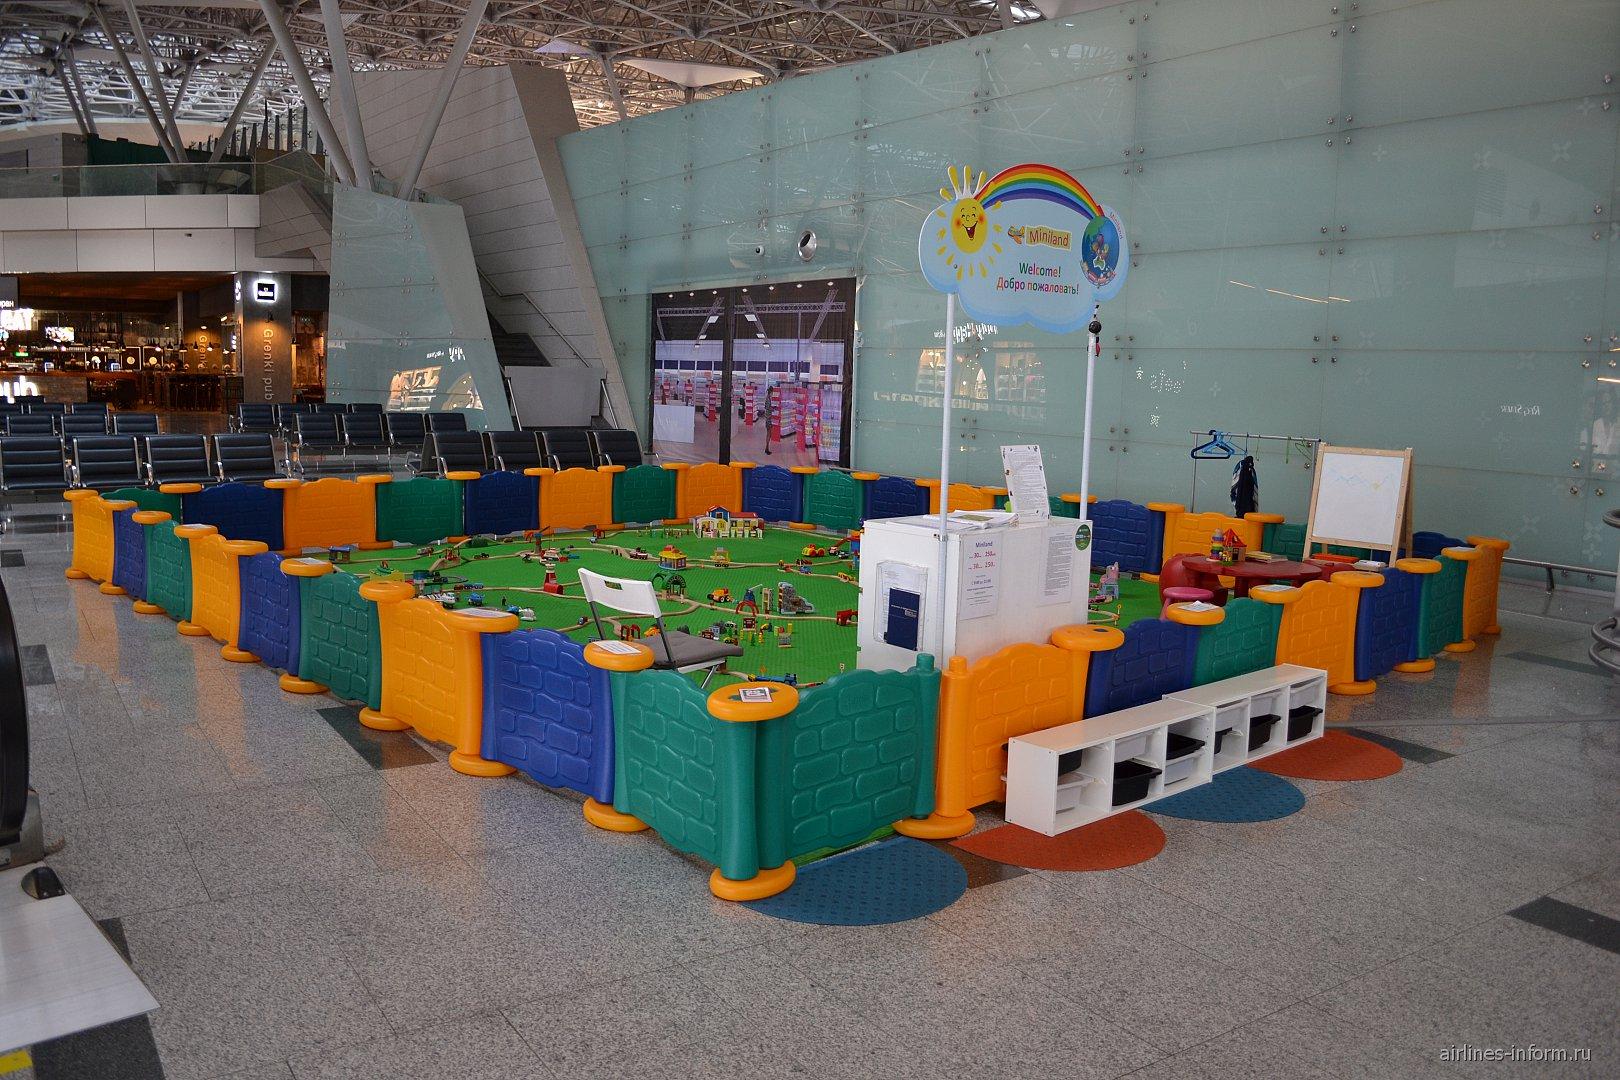 Детская площадка в чистой зоне вылета внутренних рейсов терминала А аэропорта Внуково